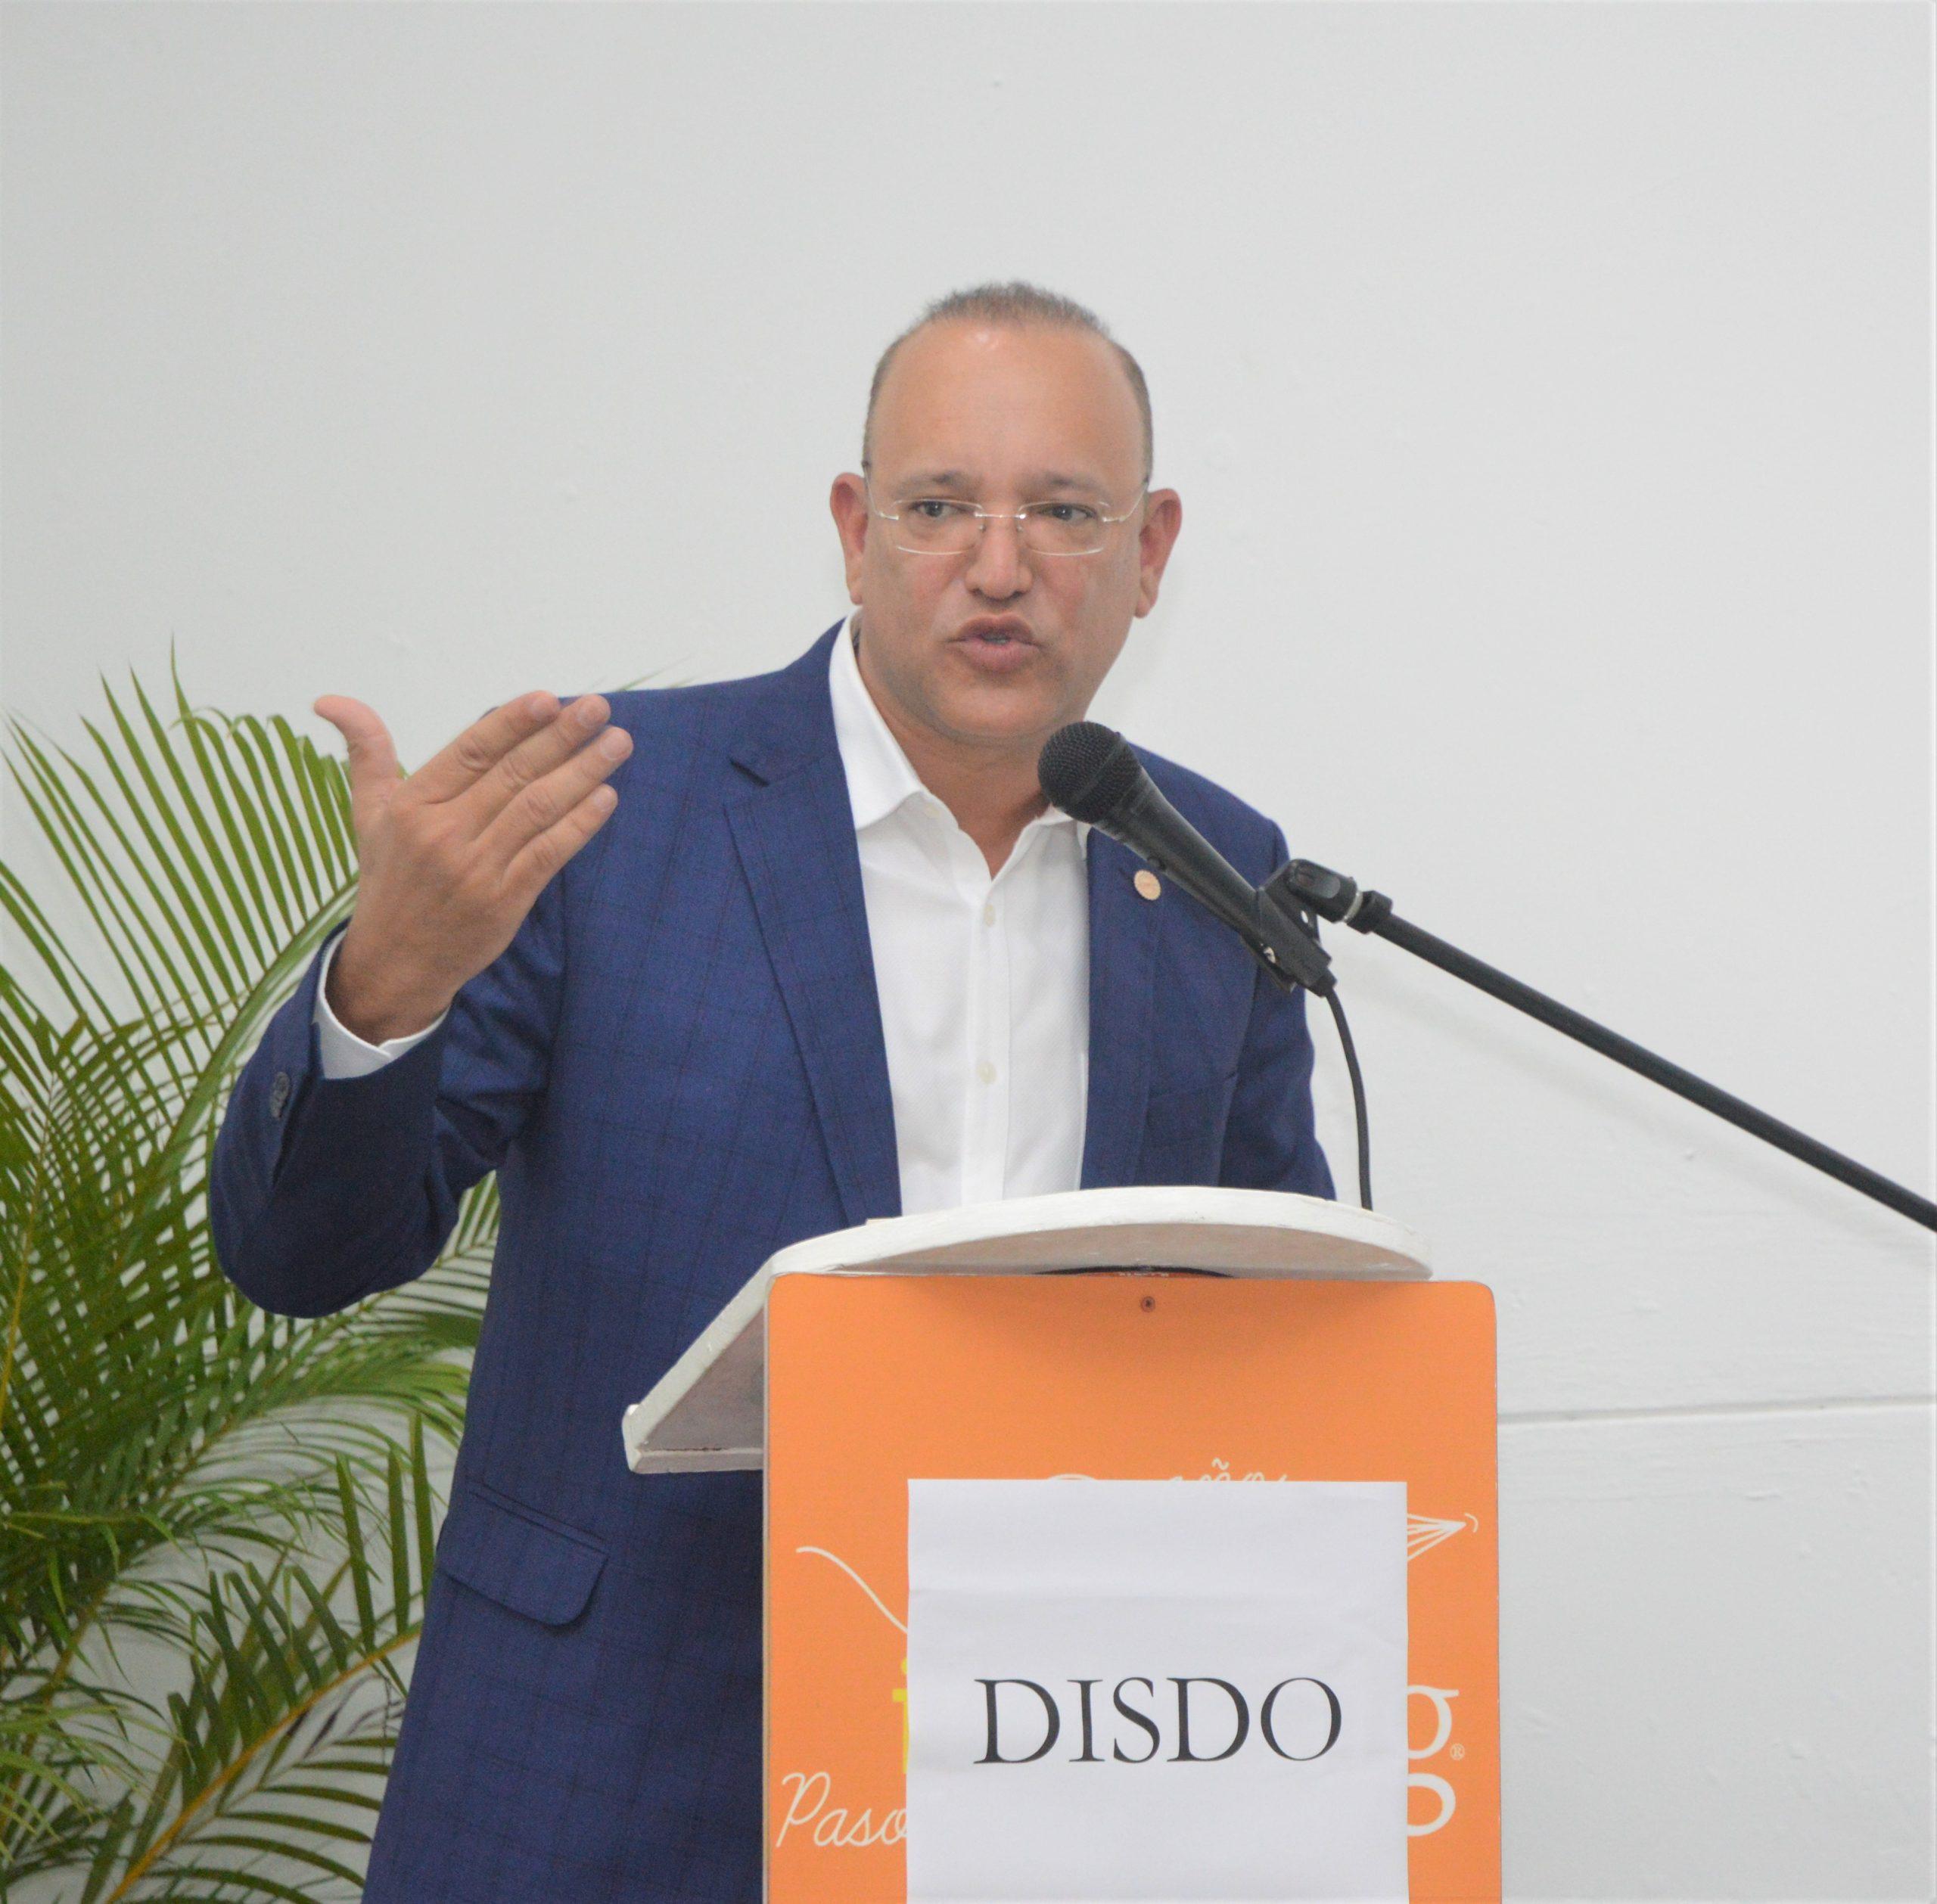 El Director general de Proindustria se dirige a los legisladores y empresarios presentes en el recorrido al parque industrial DISDO, ubicado en Santo Domingo Este